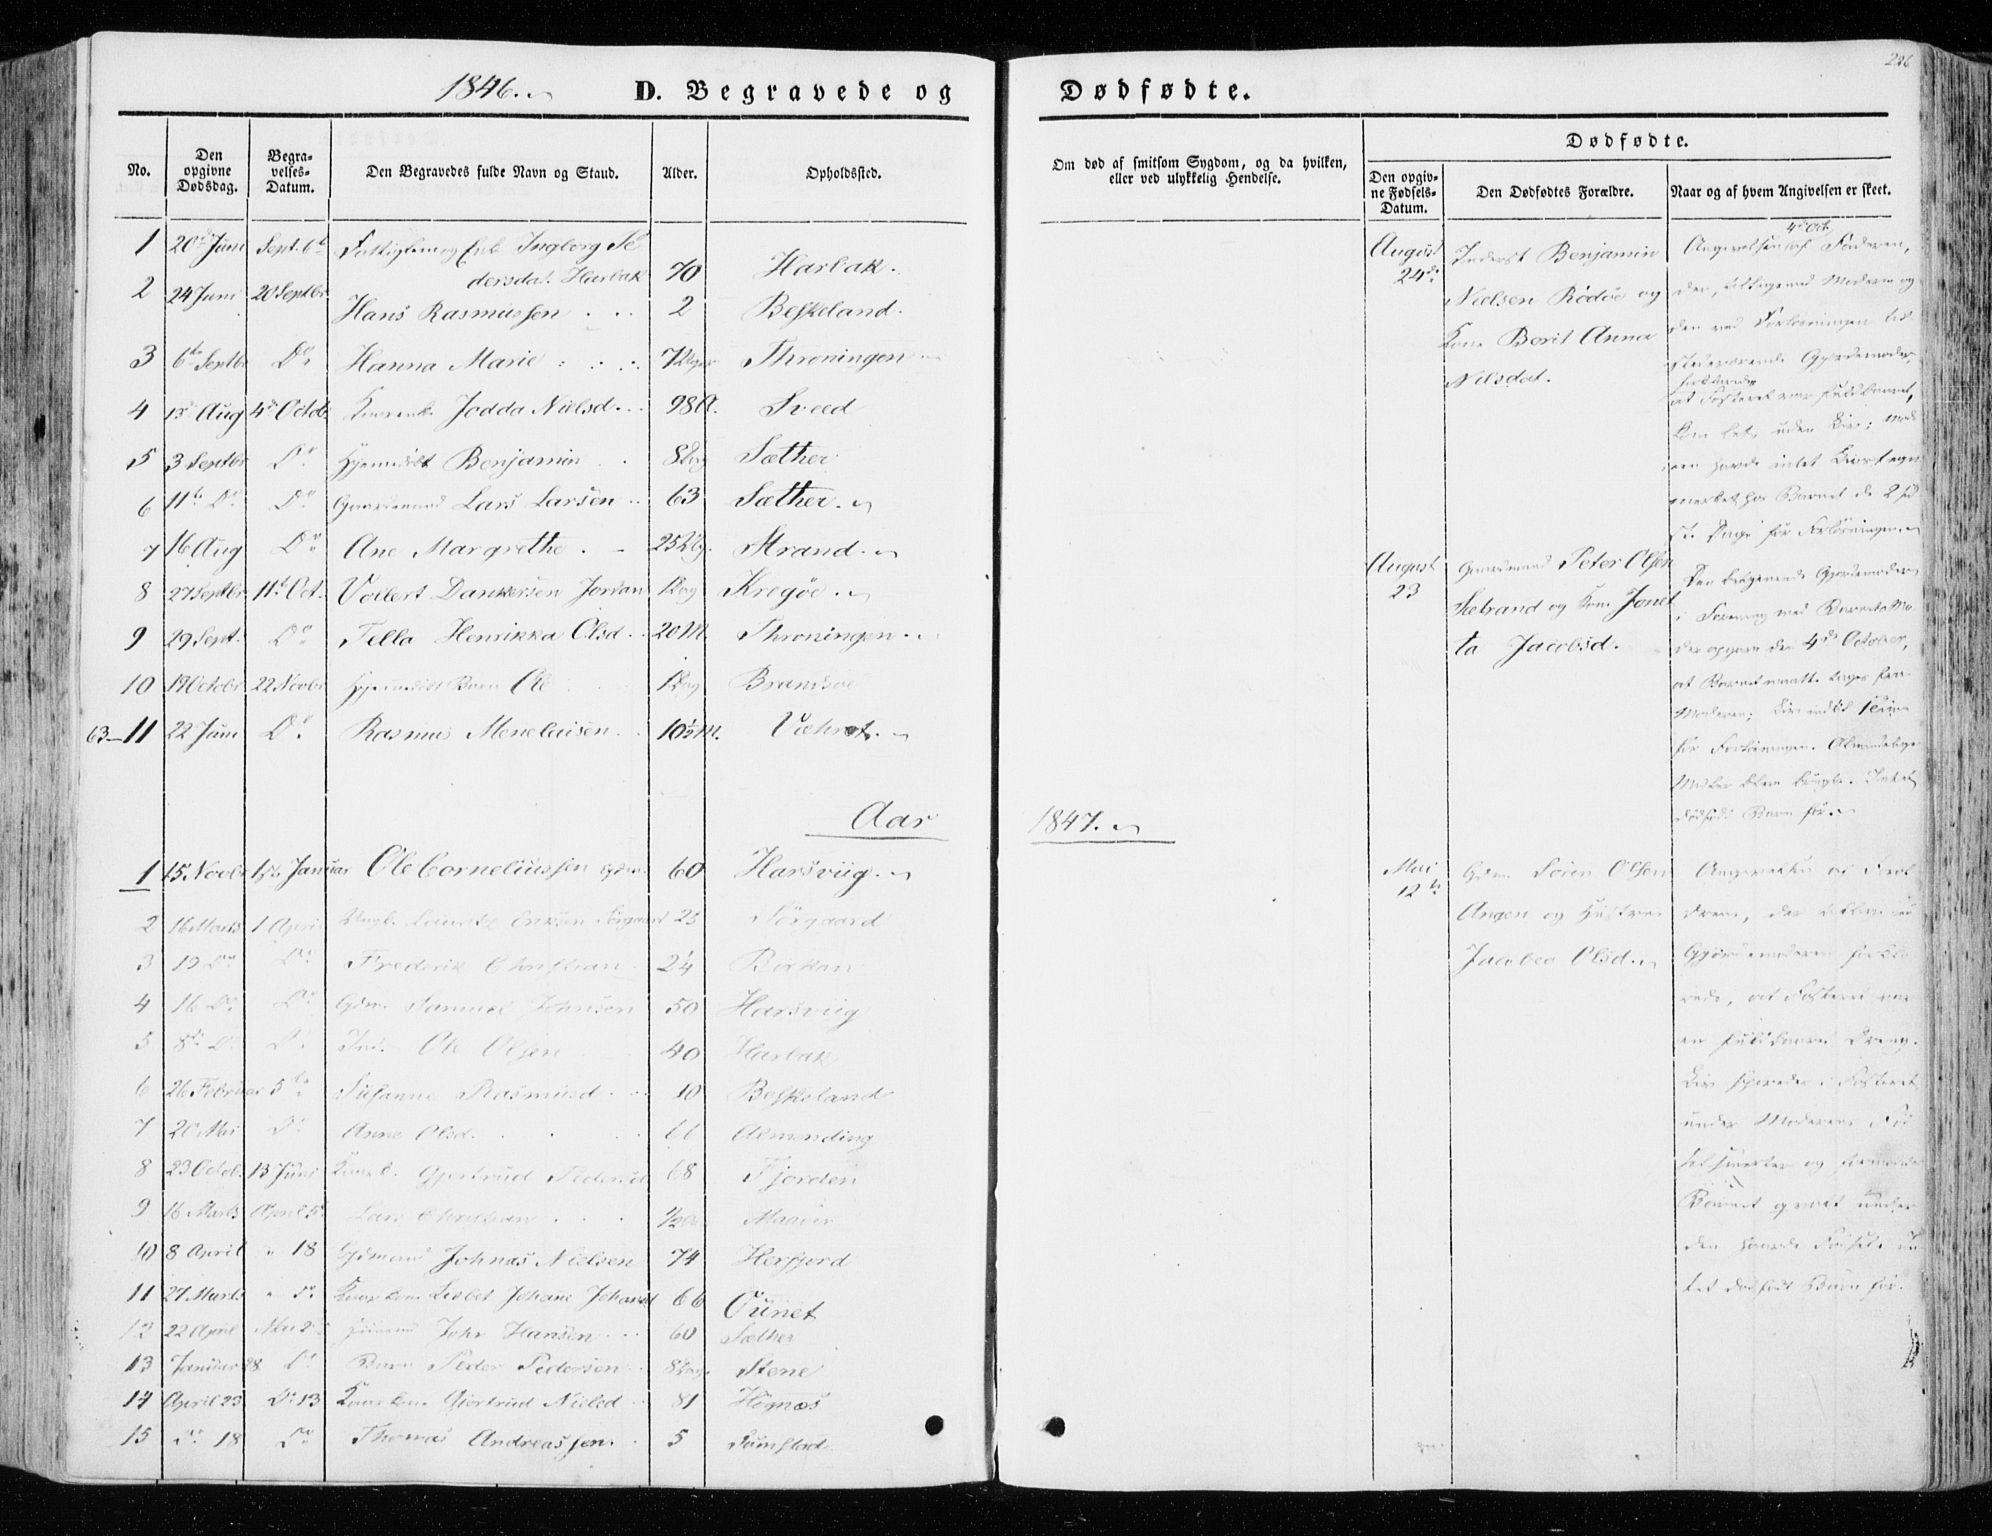 SAT, Ministerialprotokoller, klokkerbøker og fødselsregistre - Sør-Trøndelag, 657/L0704: Ministerialbok nr. 657A05, 1846-1857, s. 226